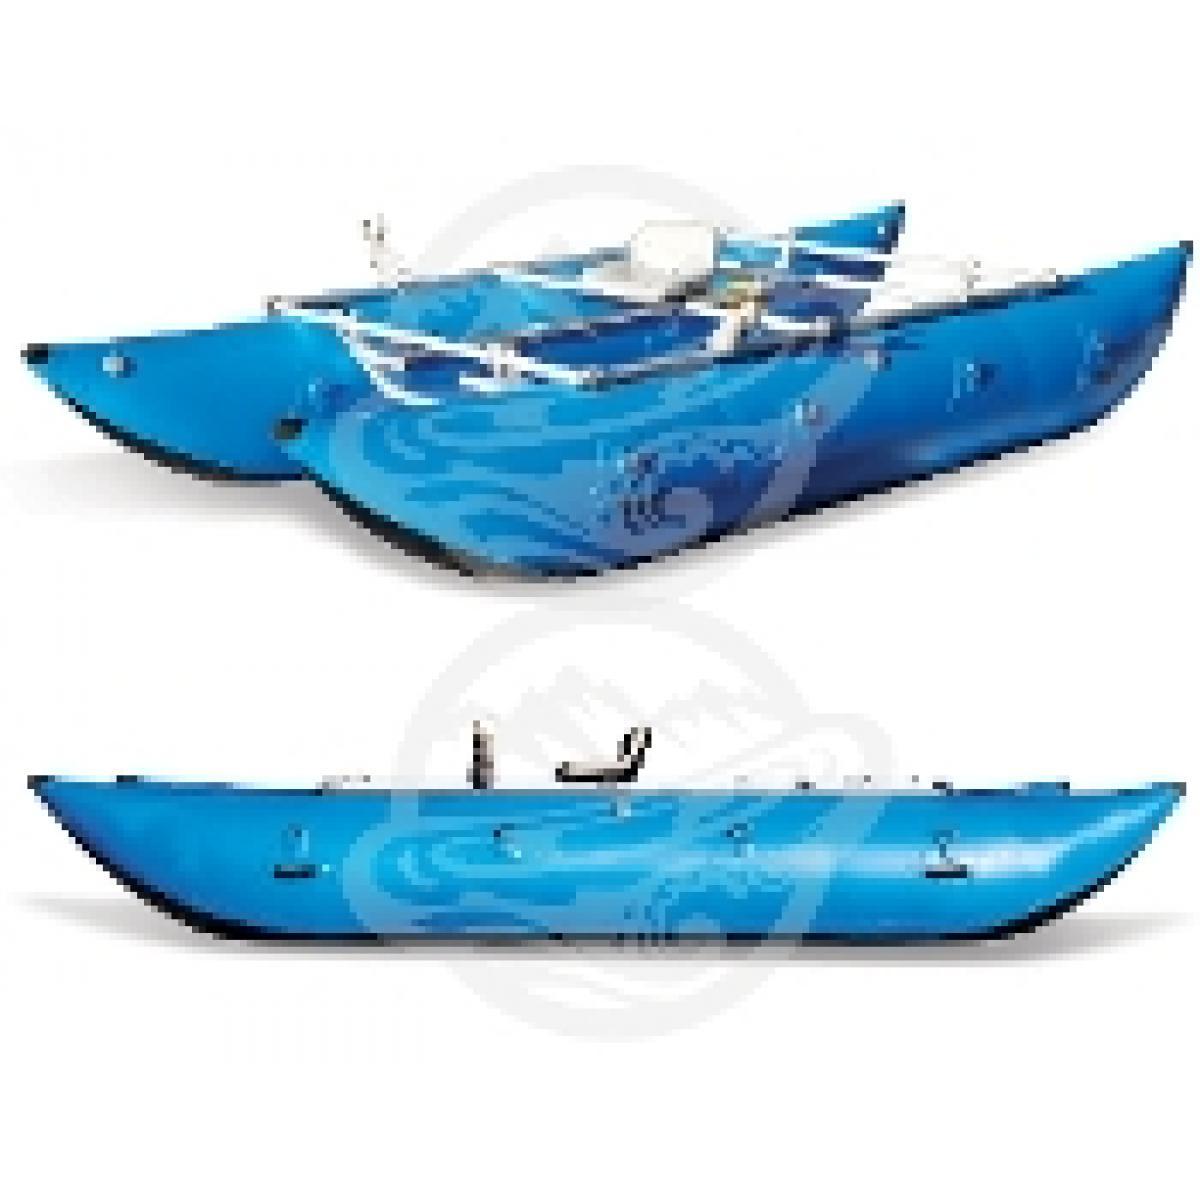 RMR rafts